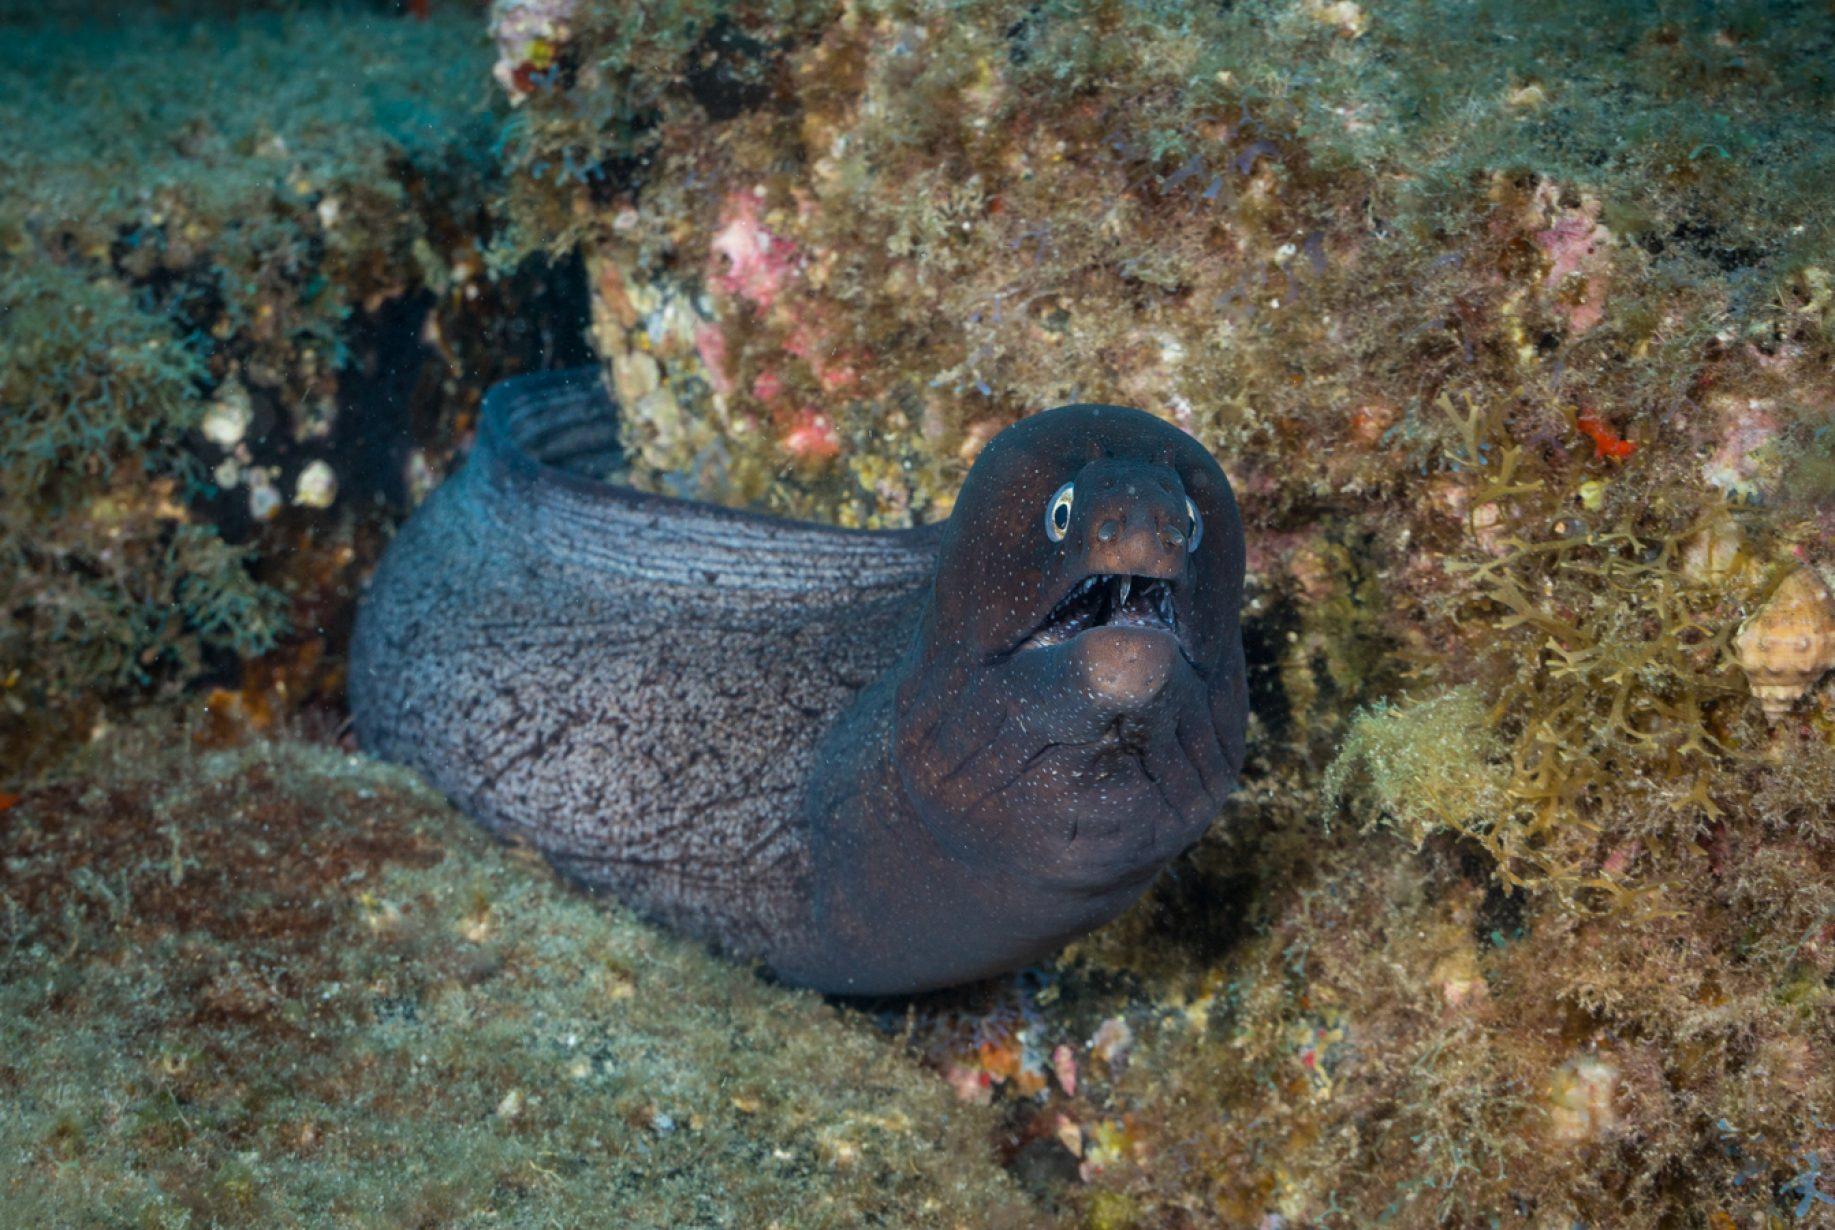 Los murénidos son una familia de peces anguiliformes conocidos vulgarmente como morenas. Habitan aguas tropicales y subtropicales de todo el mundo donde se hallen arrecifes coralinos; permitiéndoles, gracias a su fisonomía serpiforme, acechar a su presa desde las grietas.